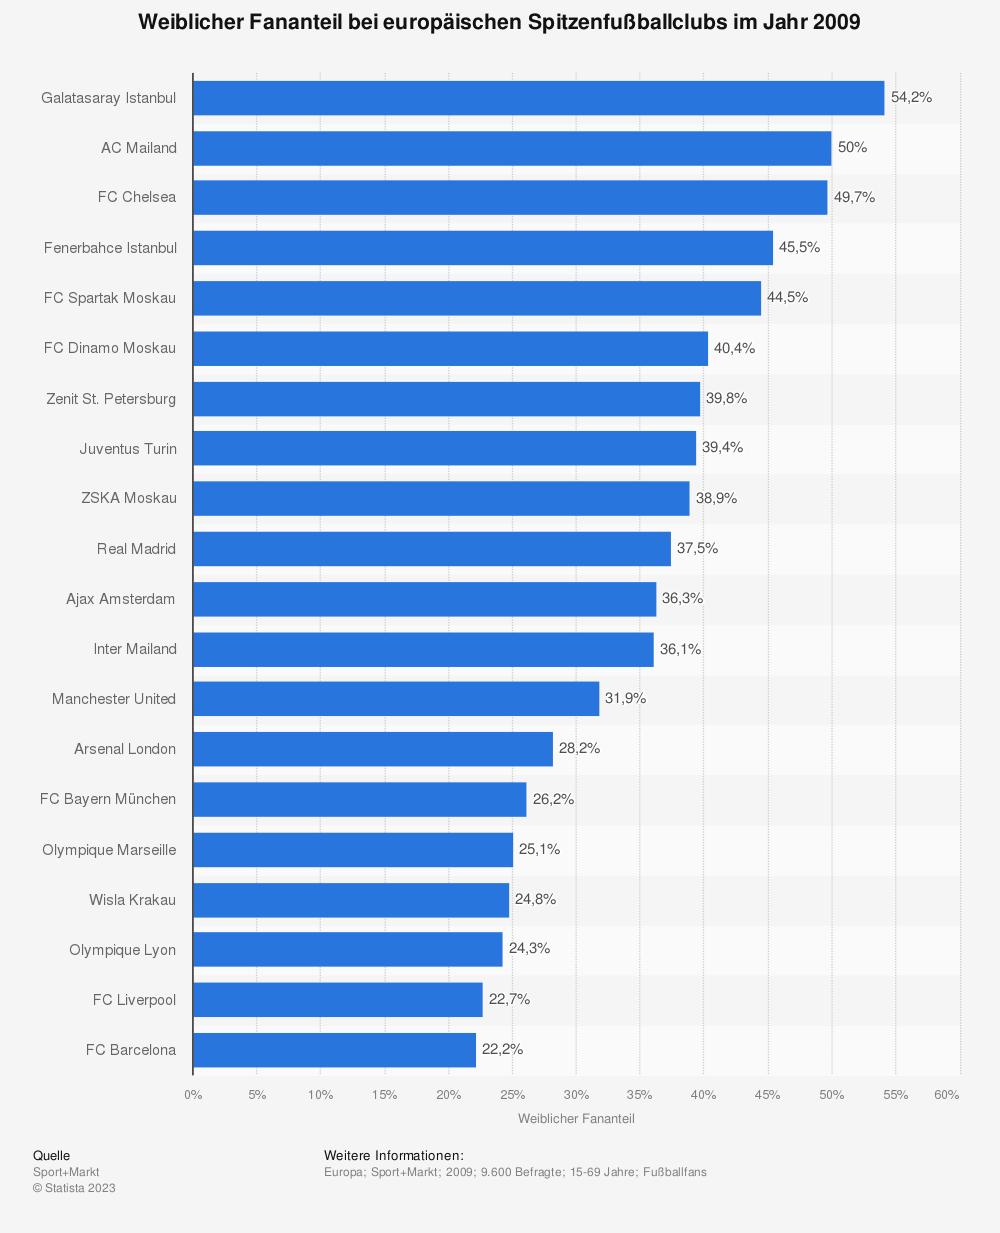 Statistik: Weiblicher Fananteil bei europäischen Spitzenfußballclubs im Jahr 2009 | Statista